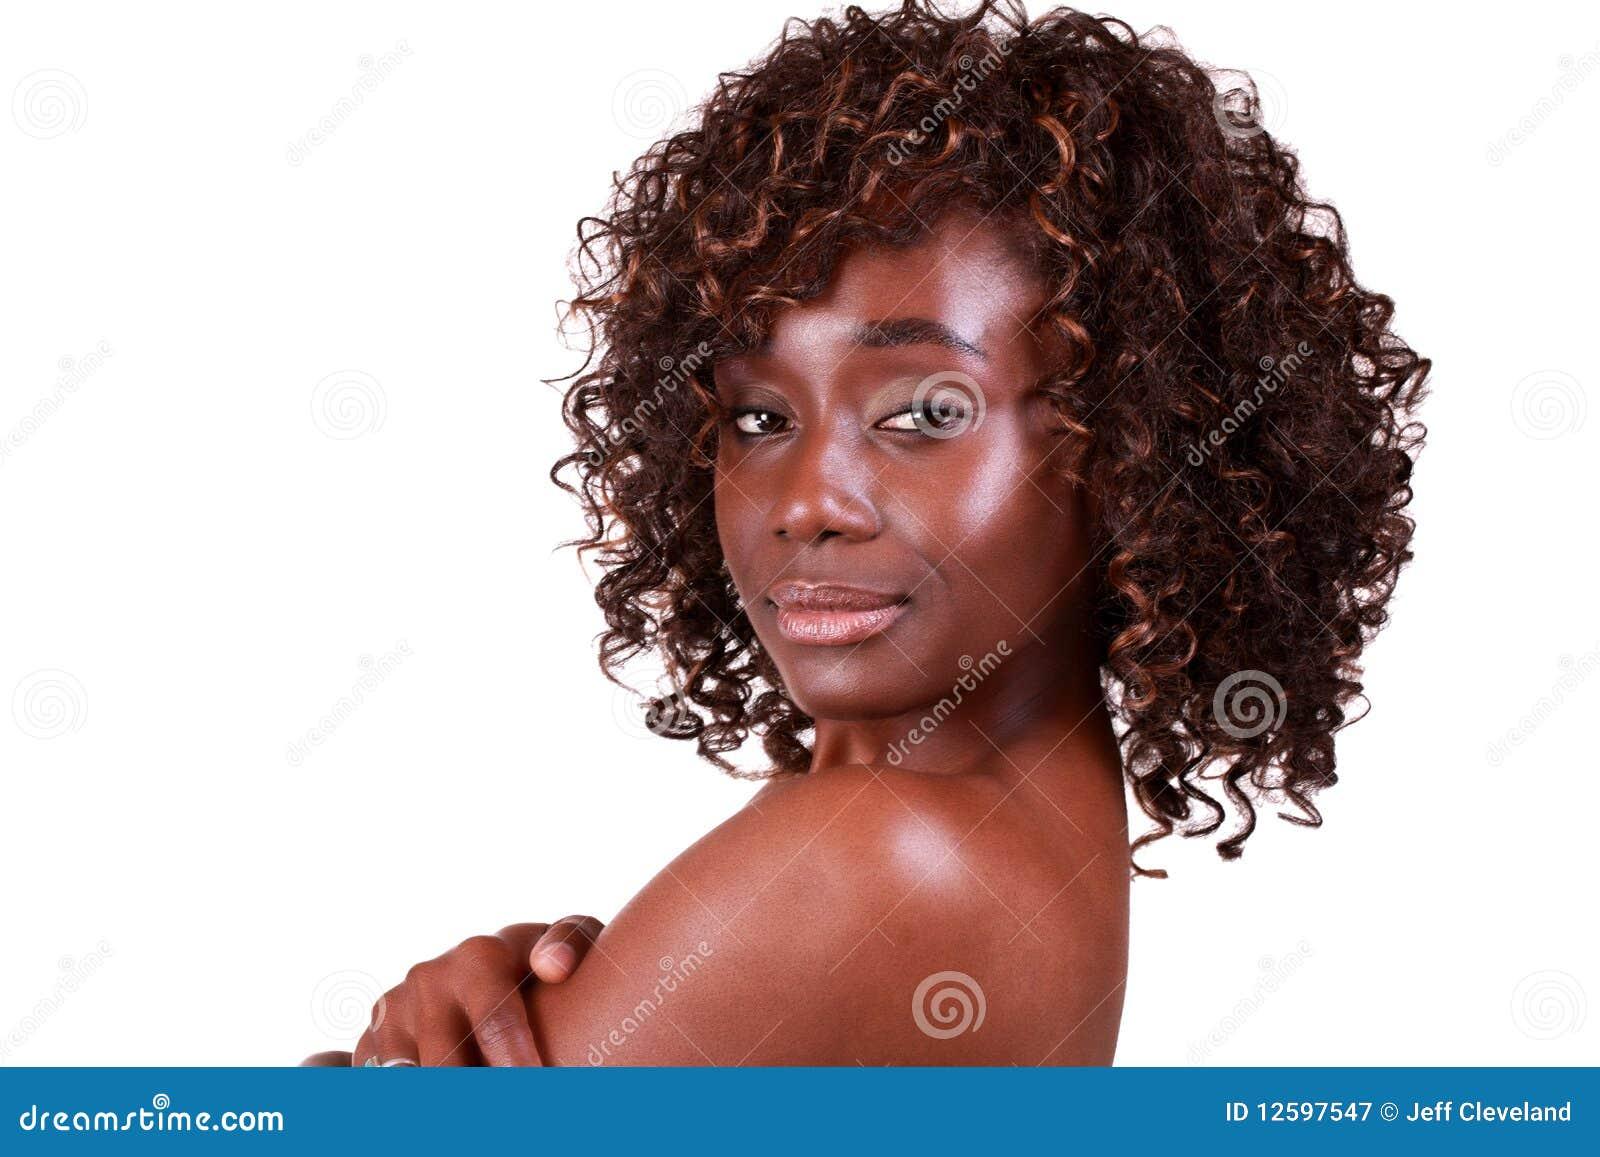 Δωρεάν γυμνό μαύρες γυναίκες ταινία.